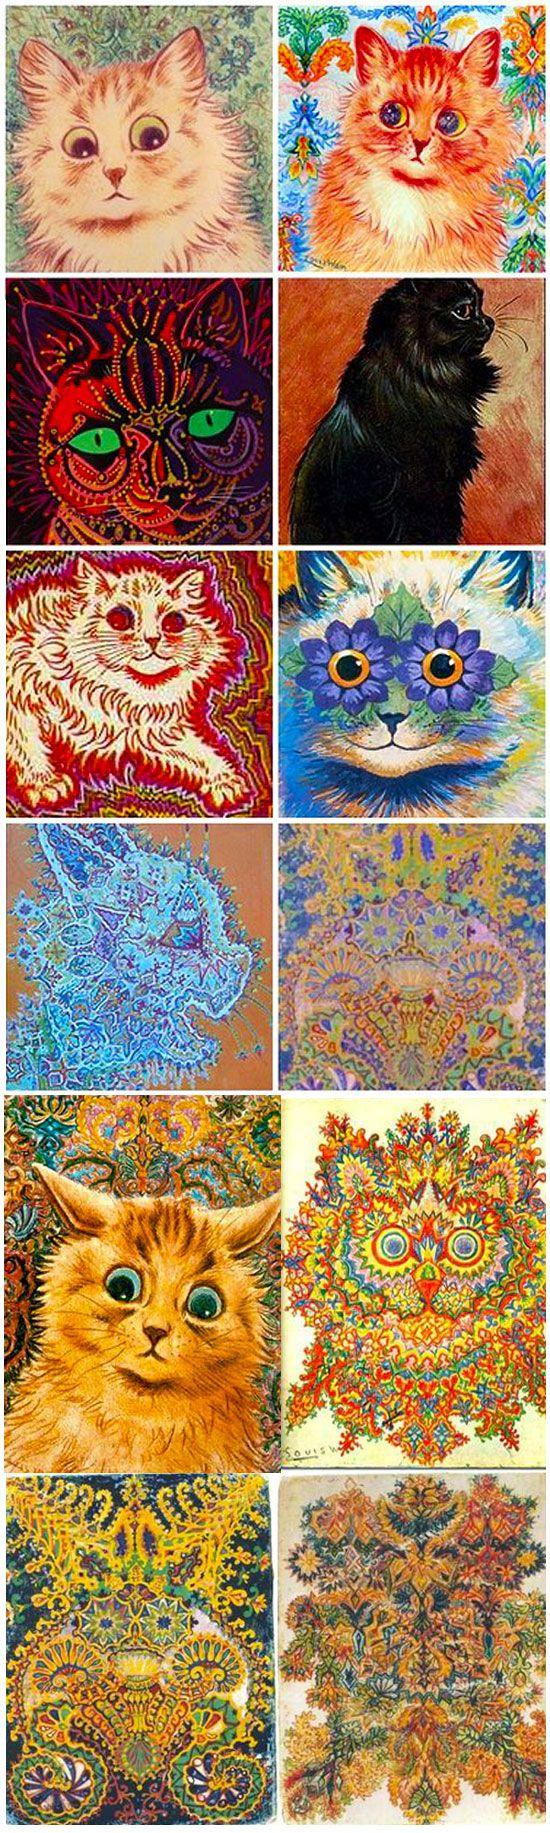 kolorowe psychodeliczne portrety kotow